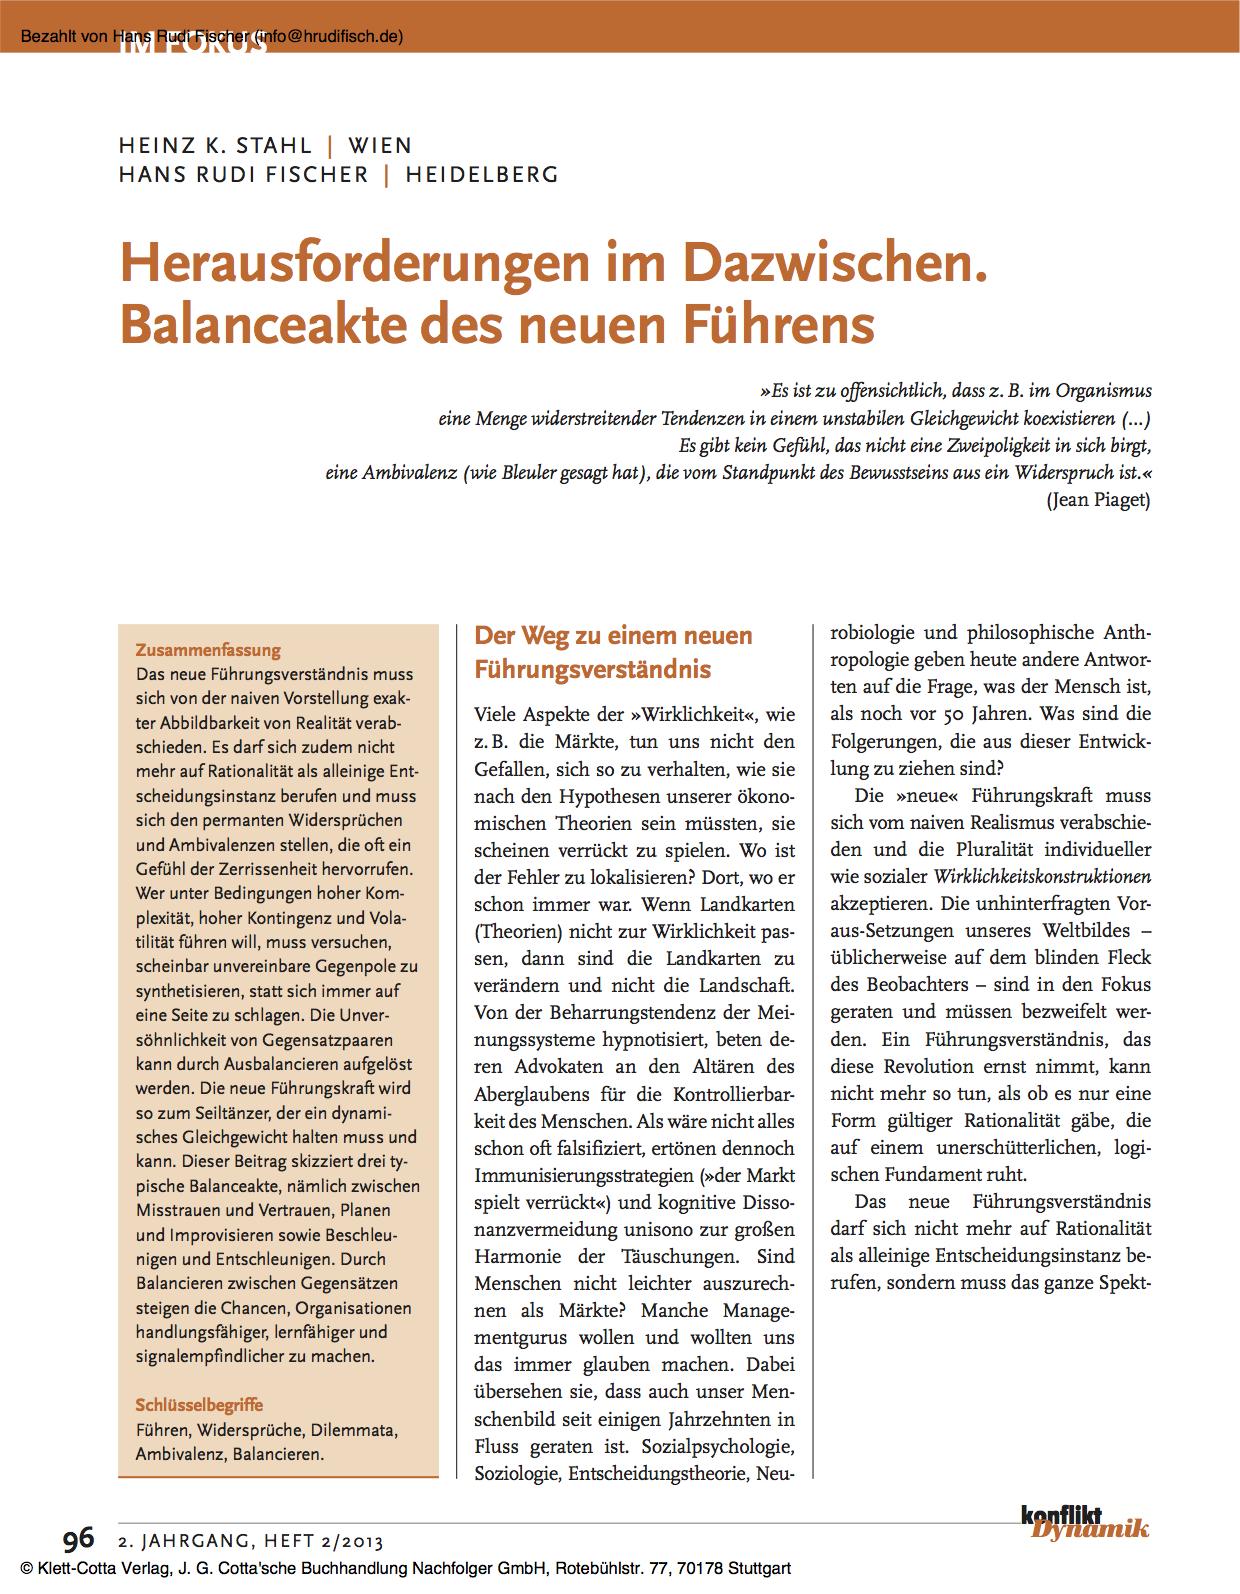 Stahl_Fischer_DazwischenKd_2013_02_96-105